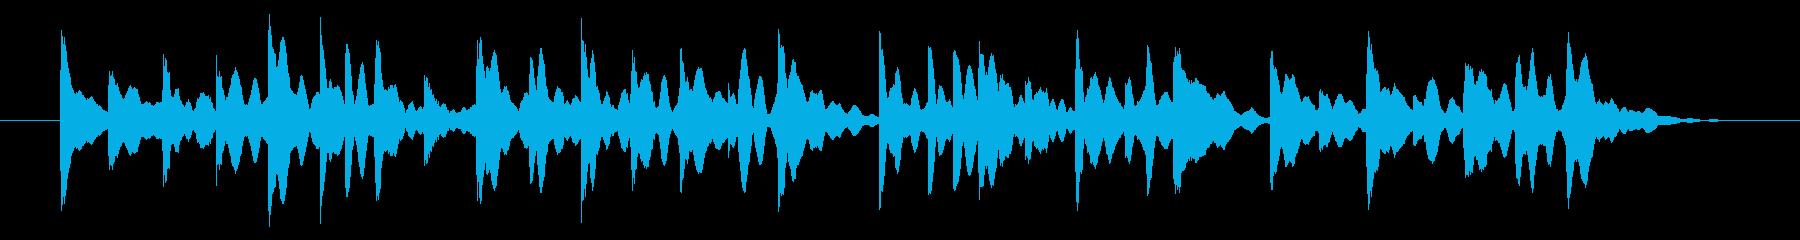 オルゴール七夕の再生済みの波形